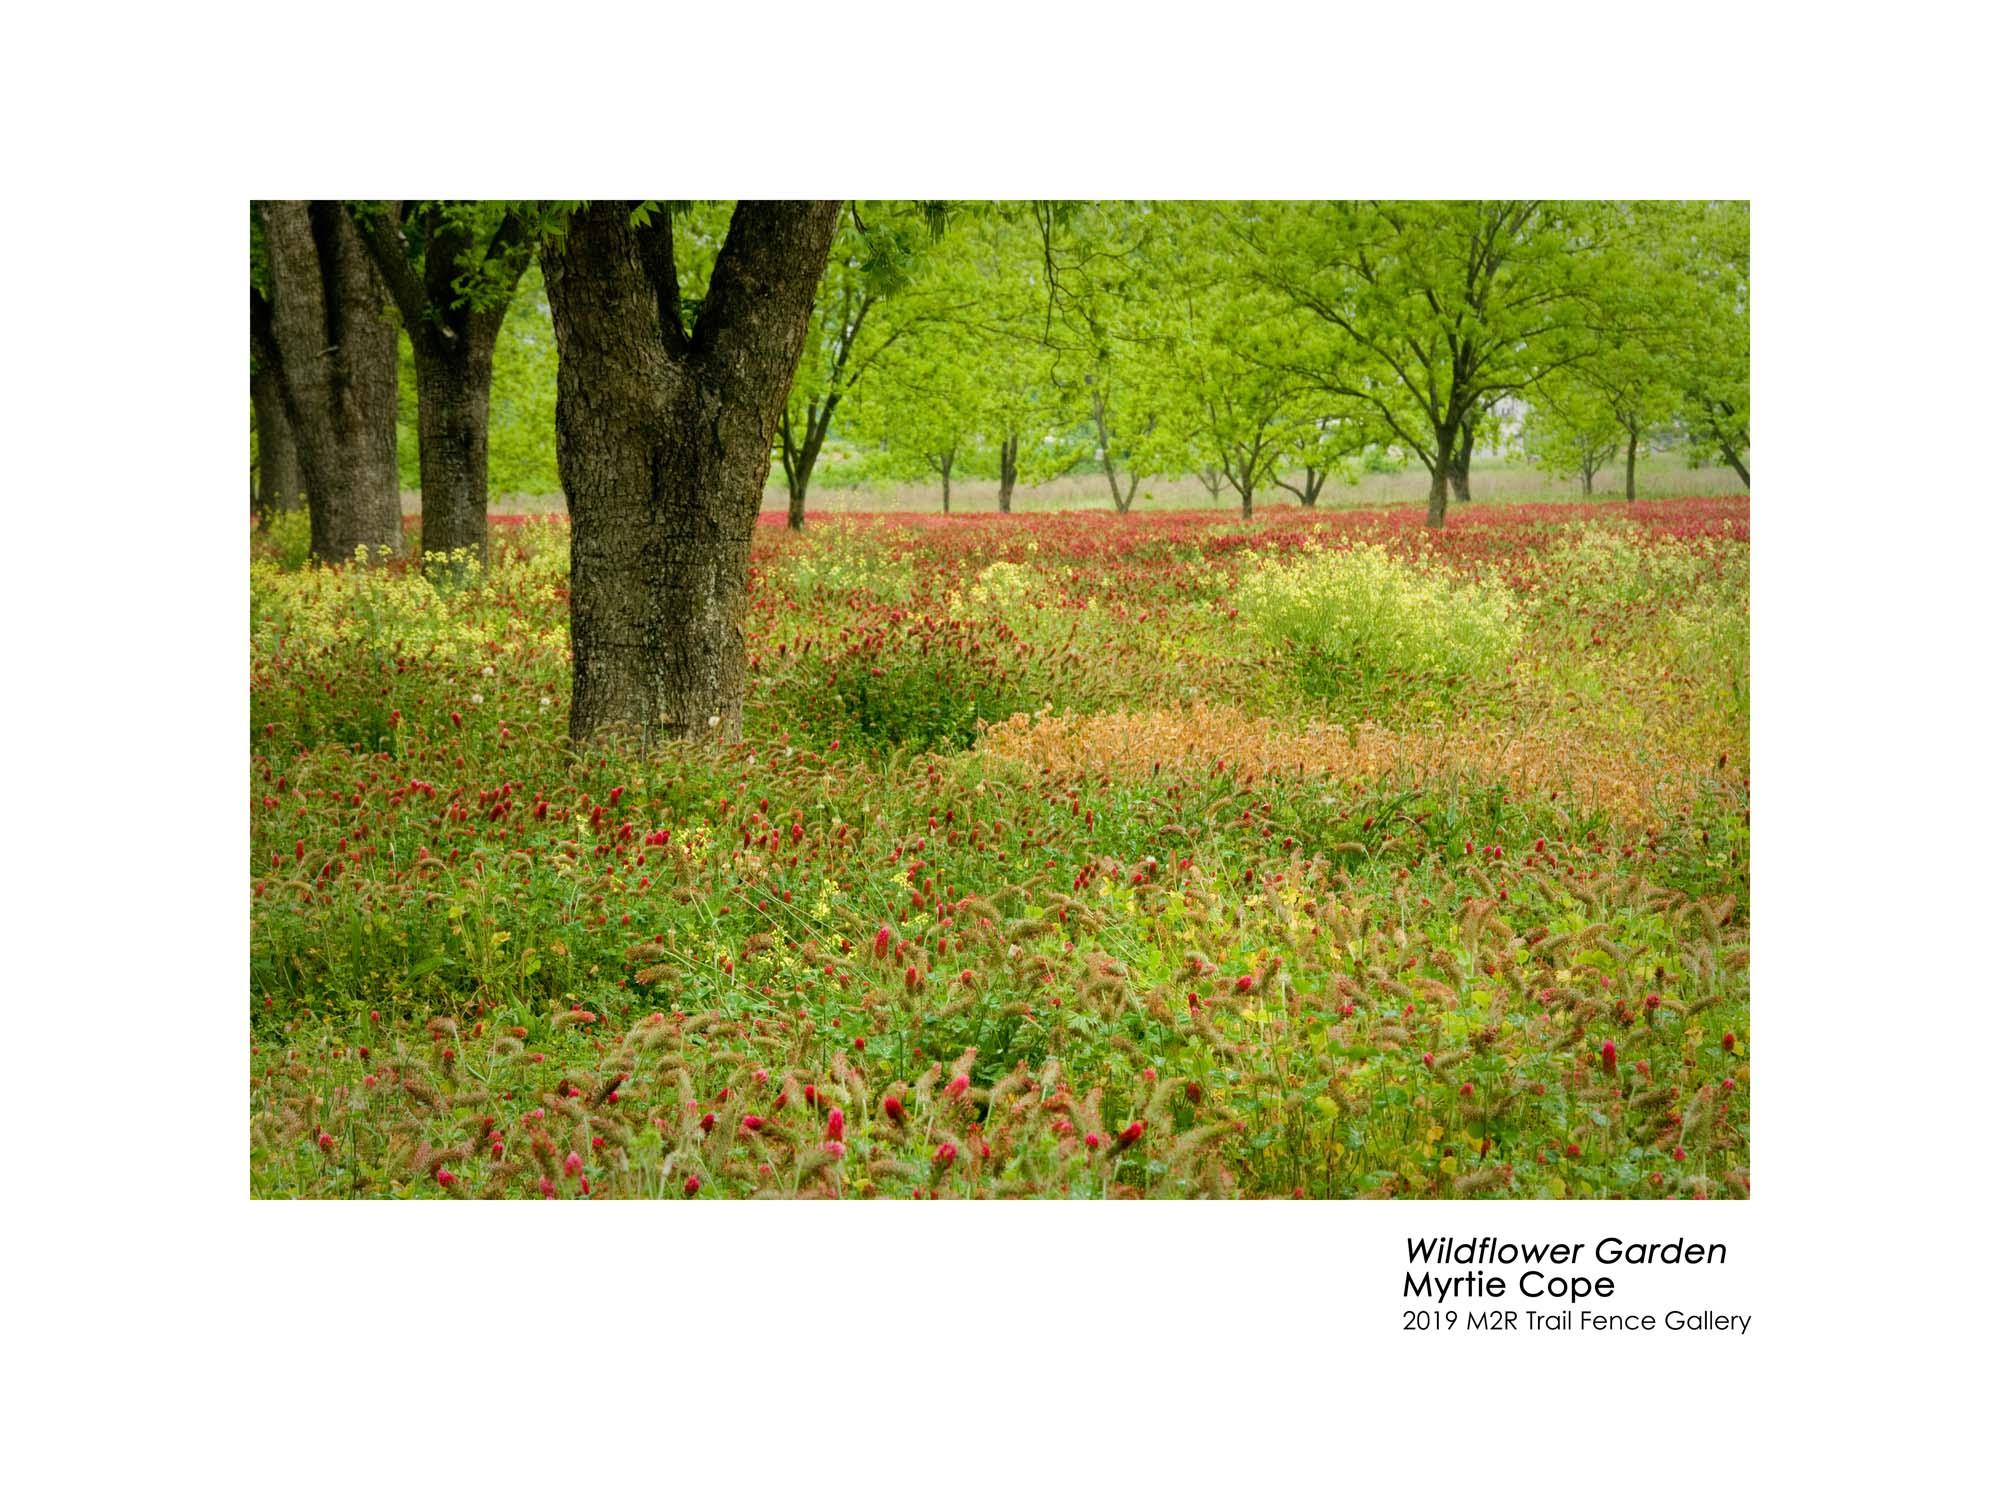 Myrtie_Cope_Wildflower Garden - Myrtie Cope.jpg